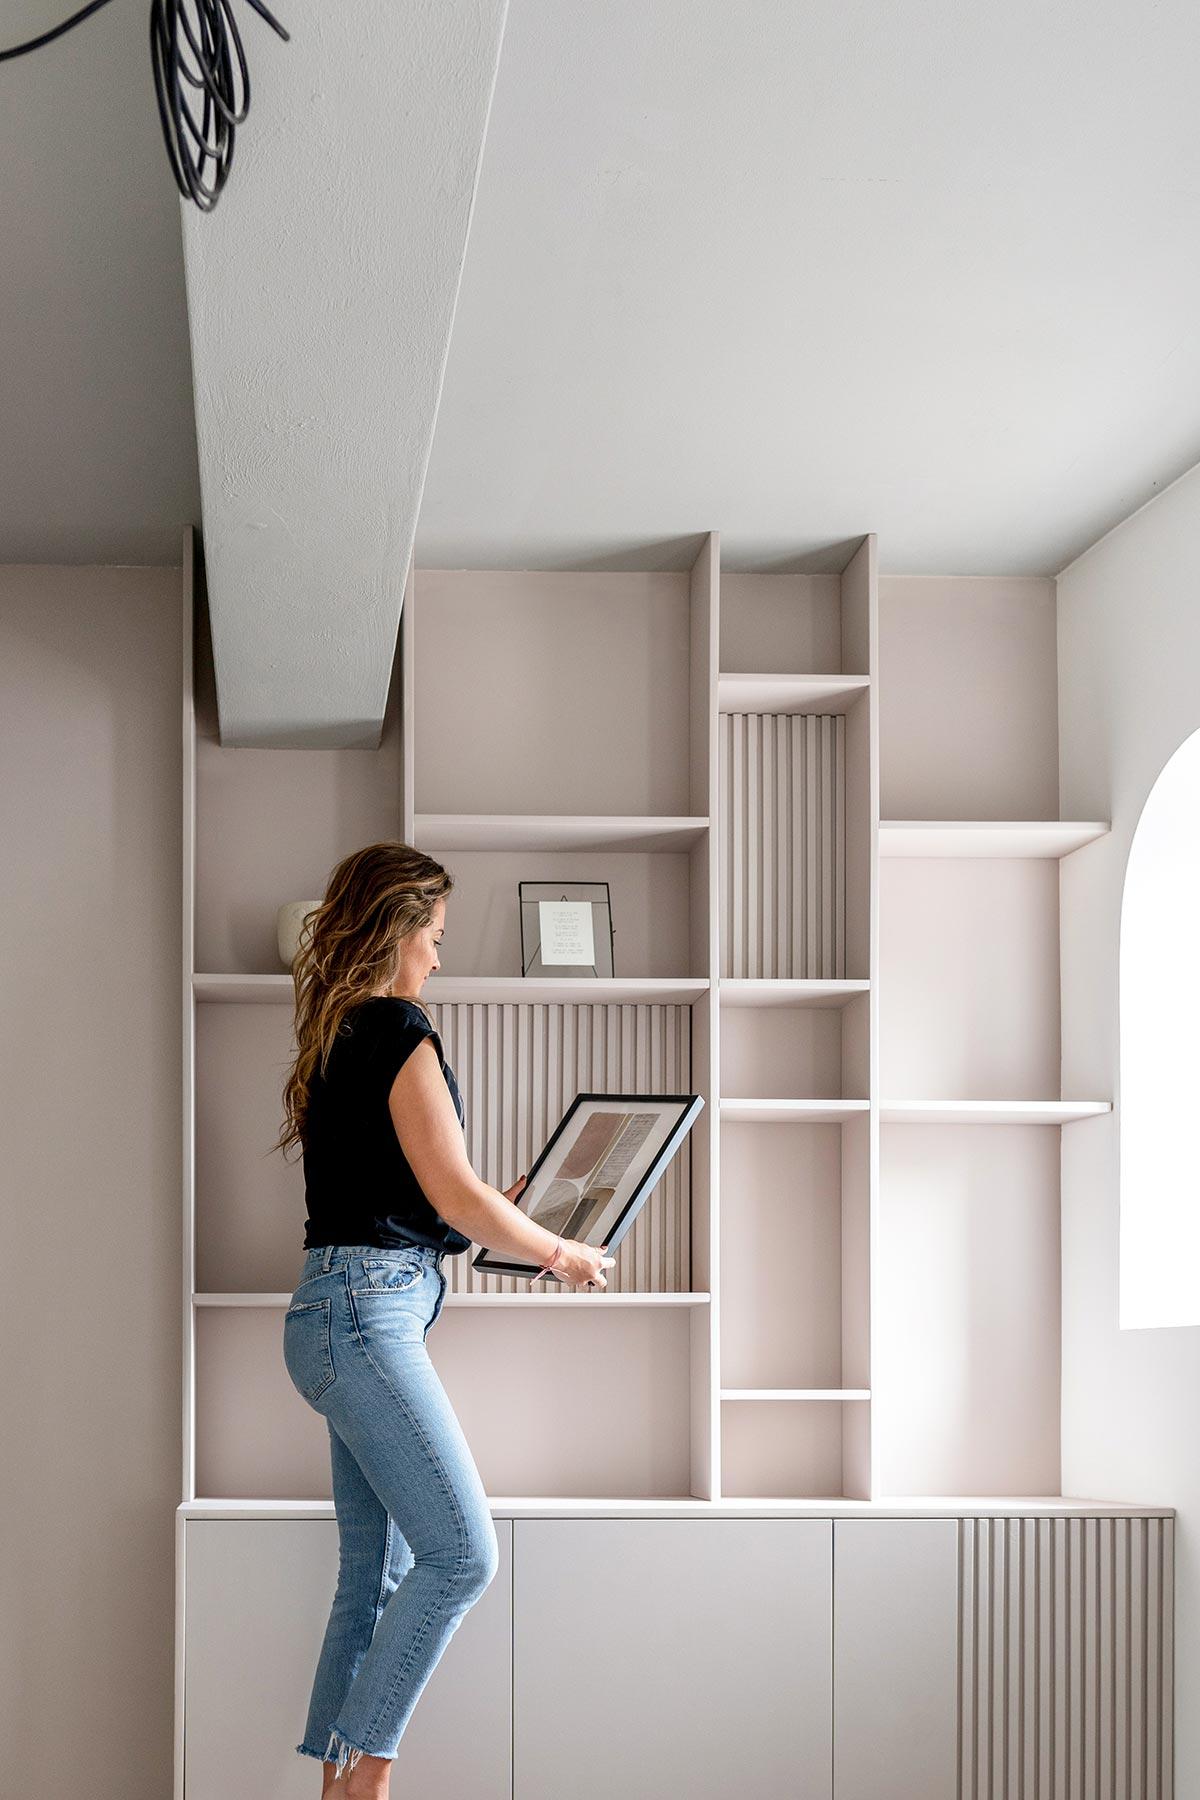 Styling wandkast slaapkamer - Tanja van Hoogdalem